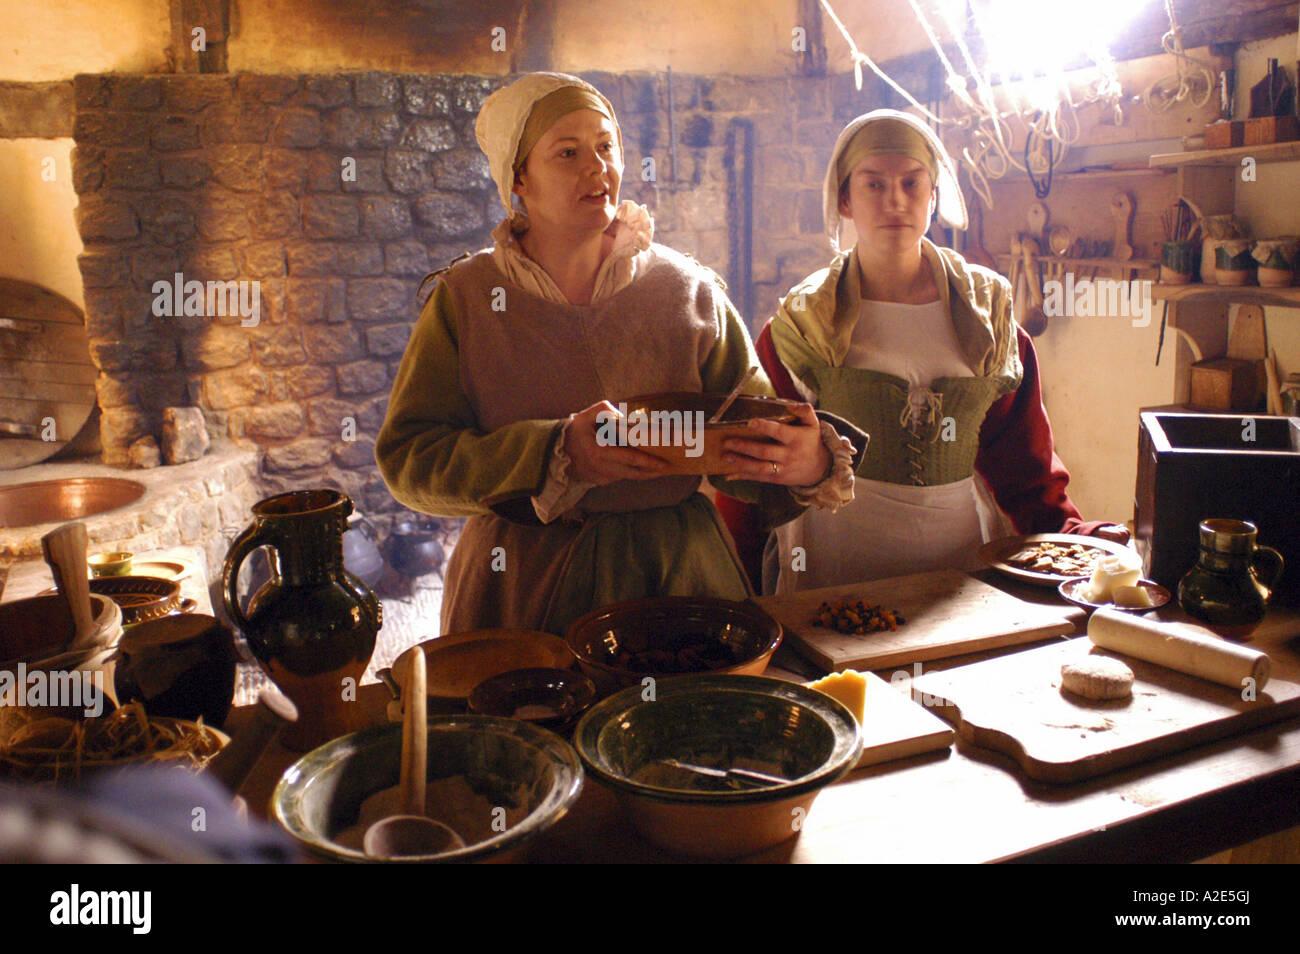 Re Erlass der mittelalterlichen Lebensart an der Weald und Downland Museum Singleton West Sussex England Bild von Stockbild